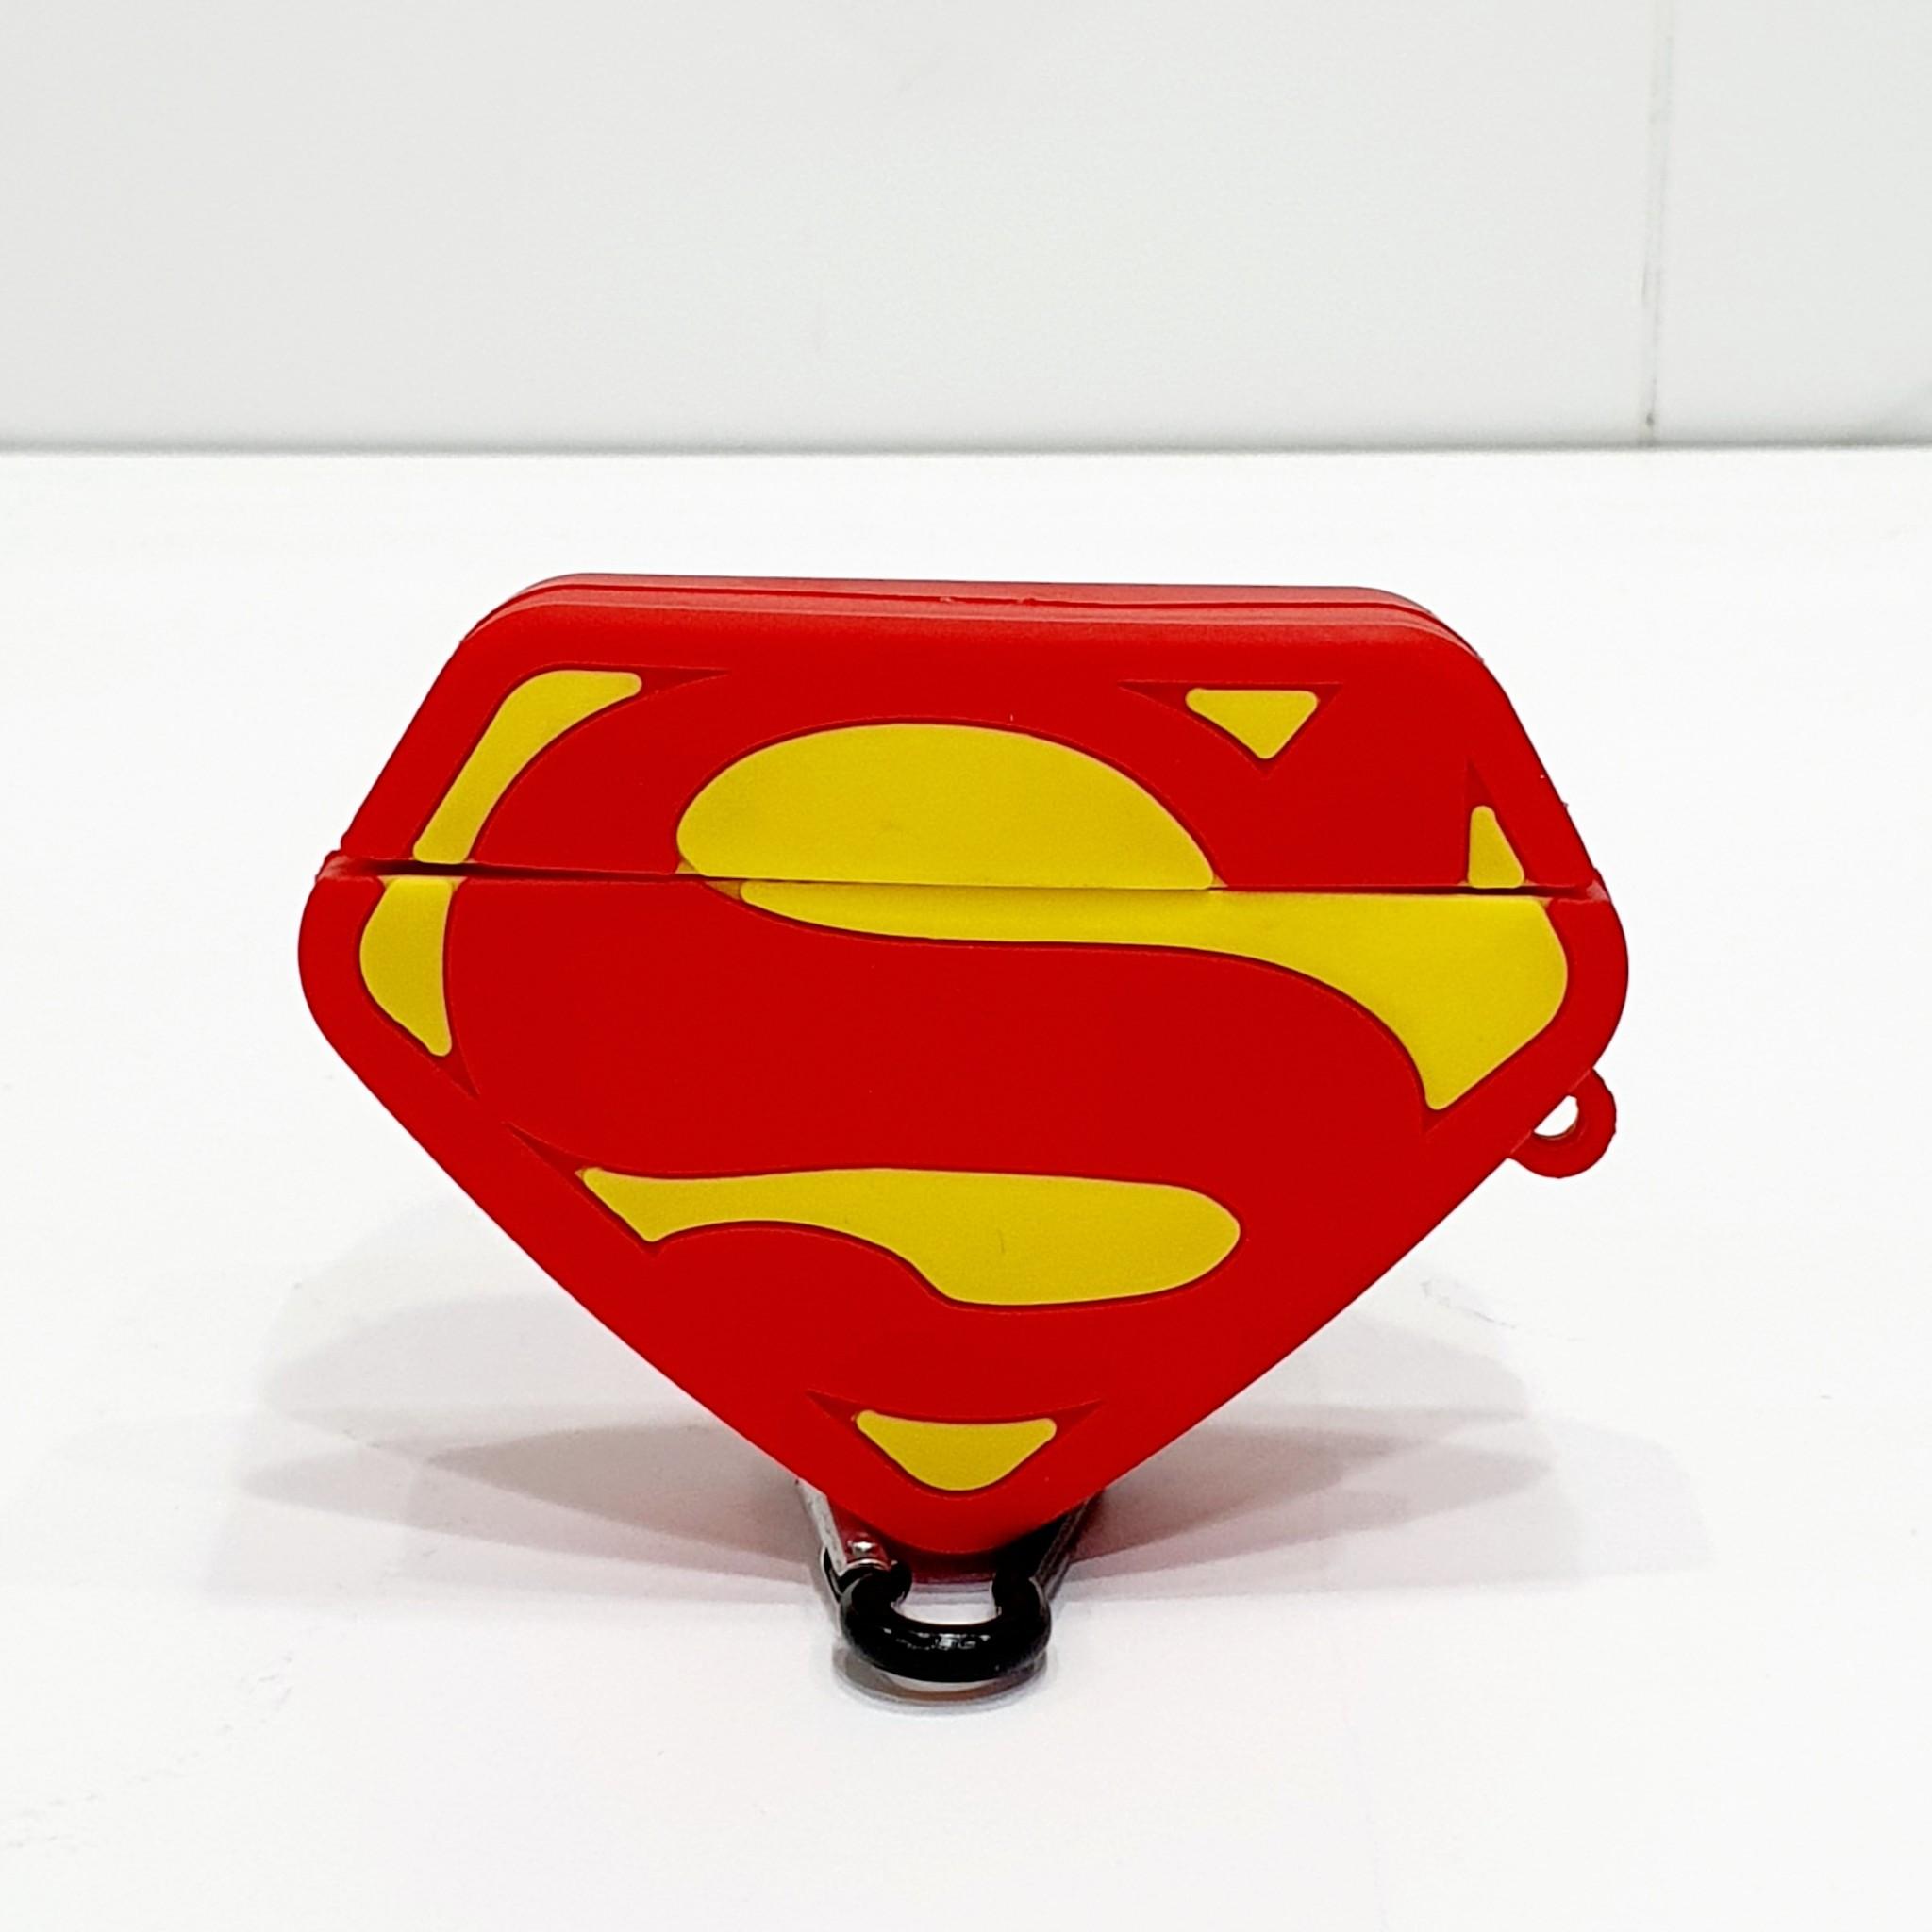 Case Dành Cho Airpods Pro - Ốp Bảo Vệ Dành Cho Airpods Pro Cao Cấp - Superman